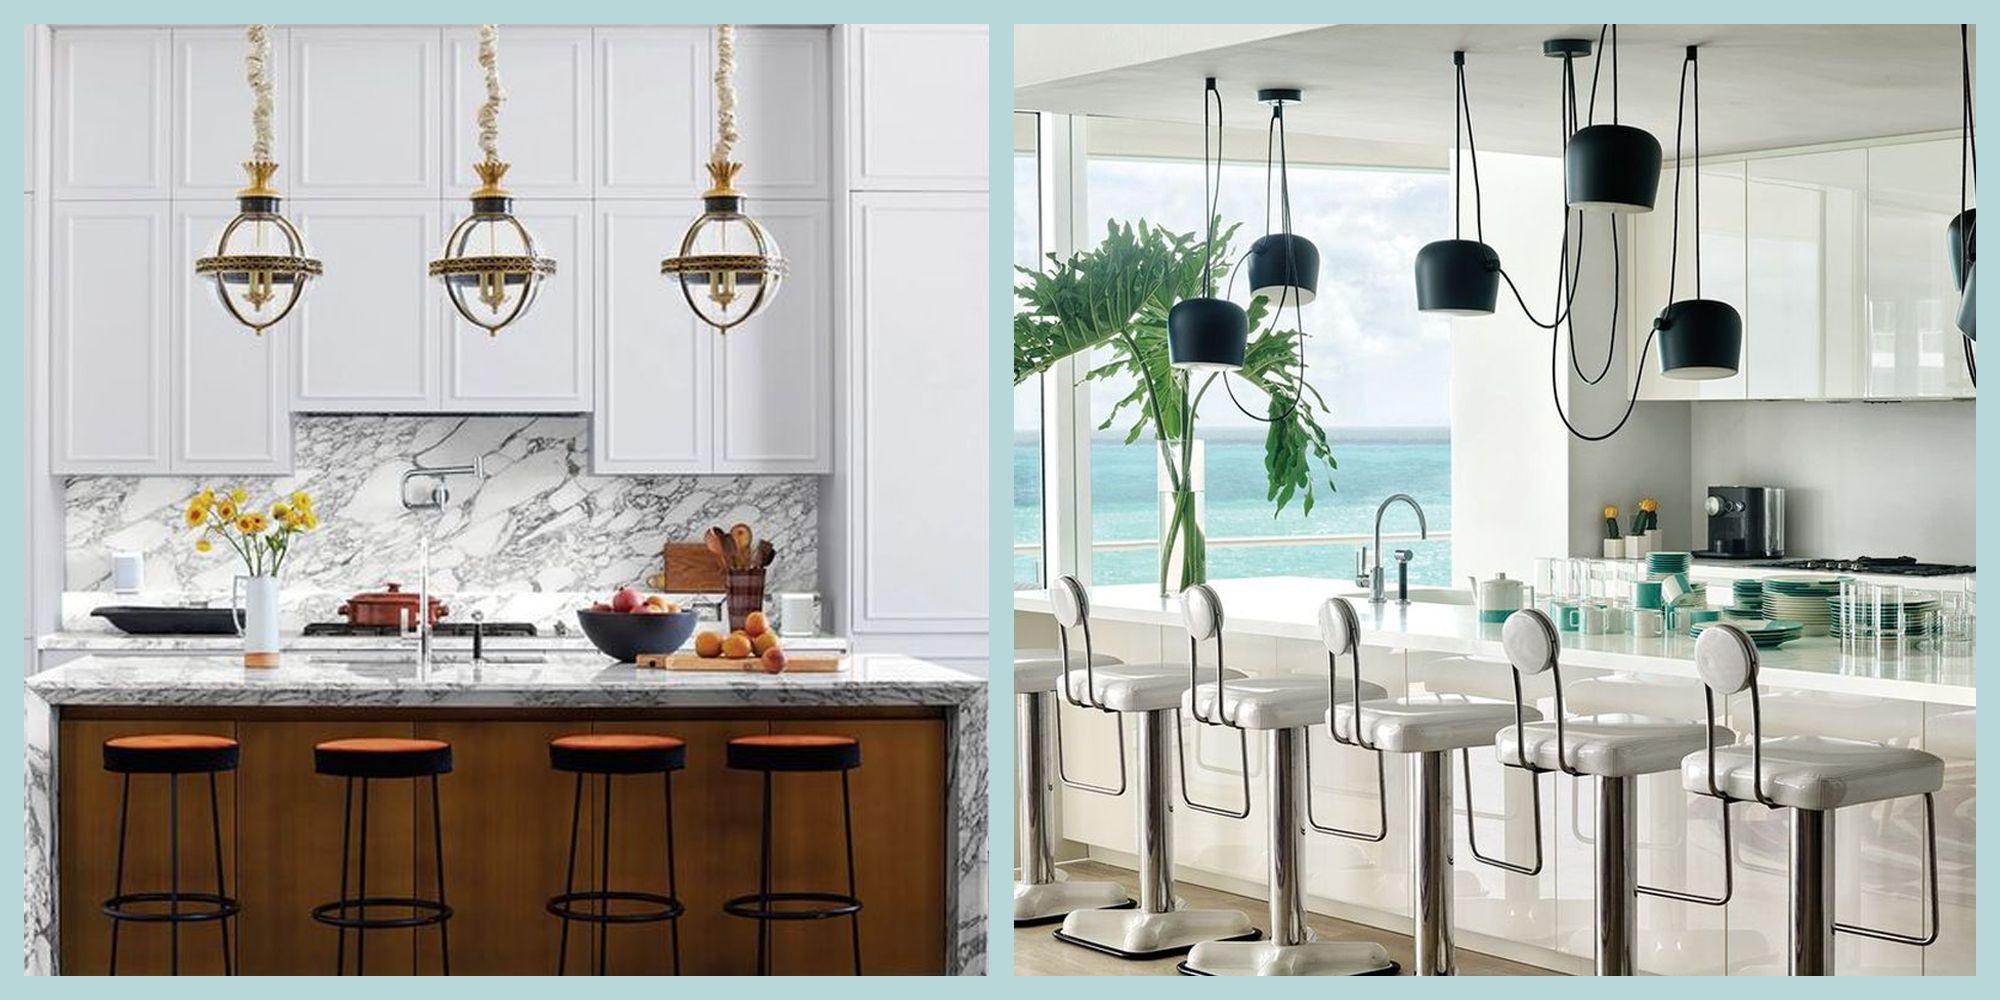 55+ Inspiring Modern Kitchens , Contemporary Kitchen Ideas 2020